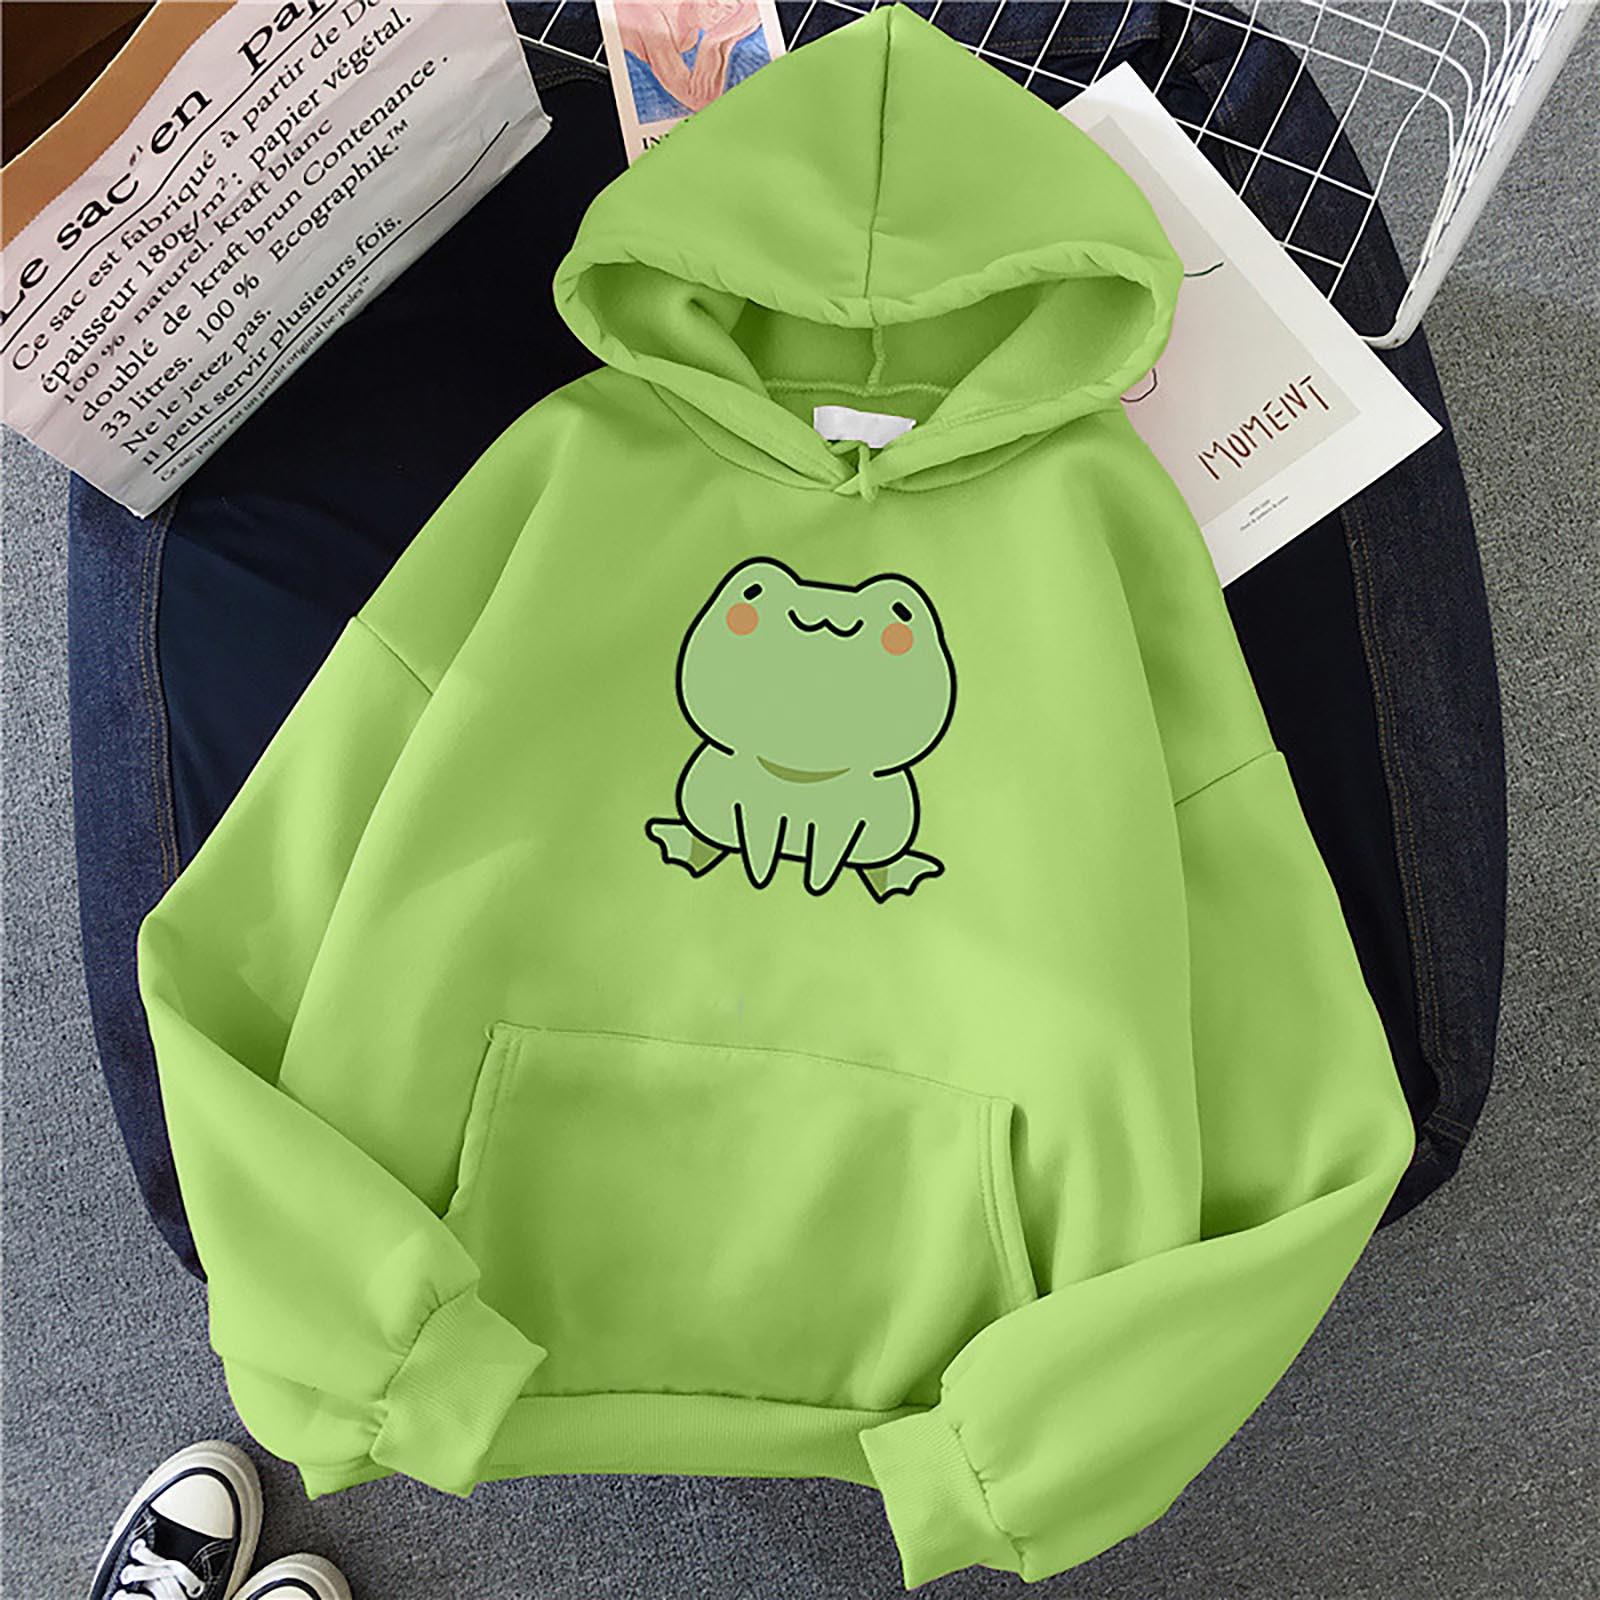 Hoodie Frog Print Vintage Harajuku Women's Winter Hoodie Kawaii Cute Casual Streetwear Oversize Top Cool Women Loose Sweatshirts